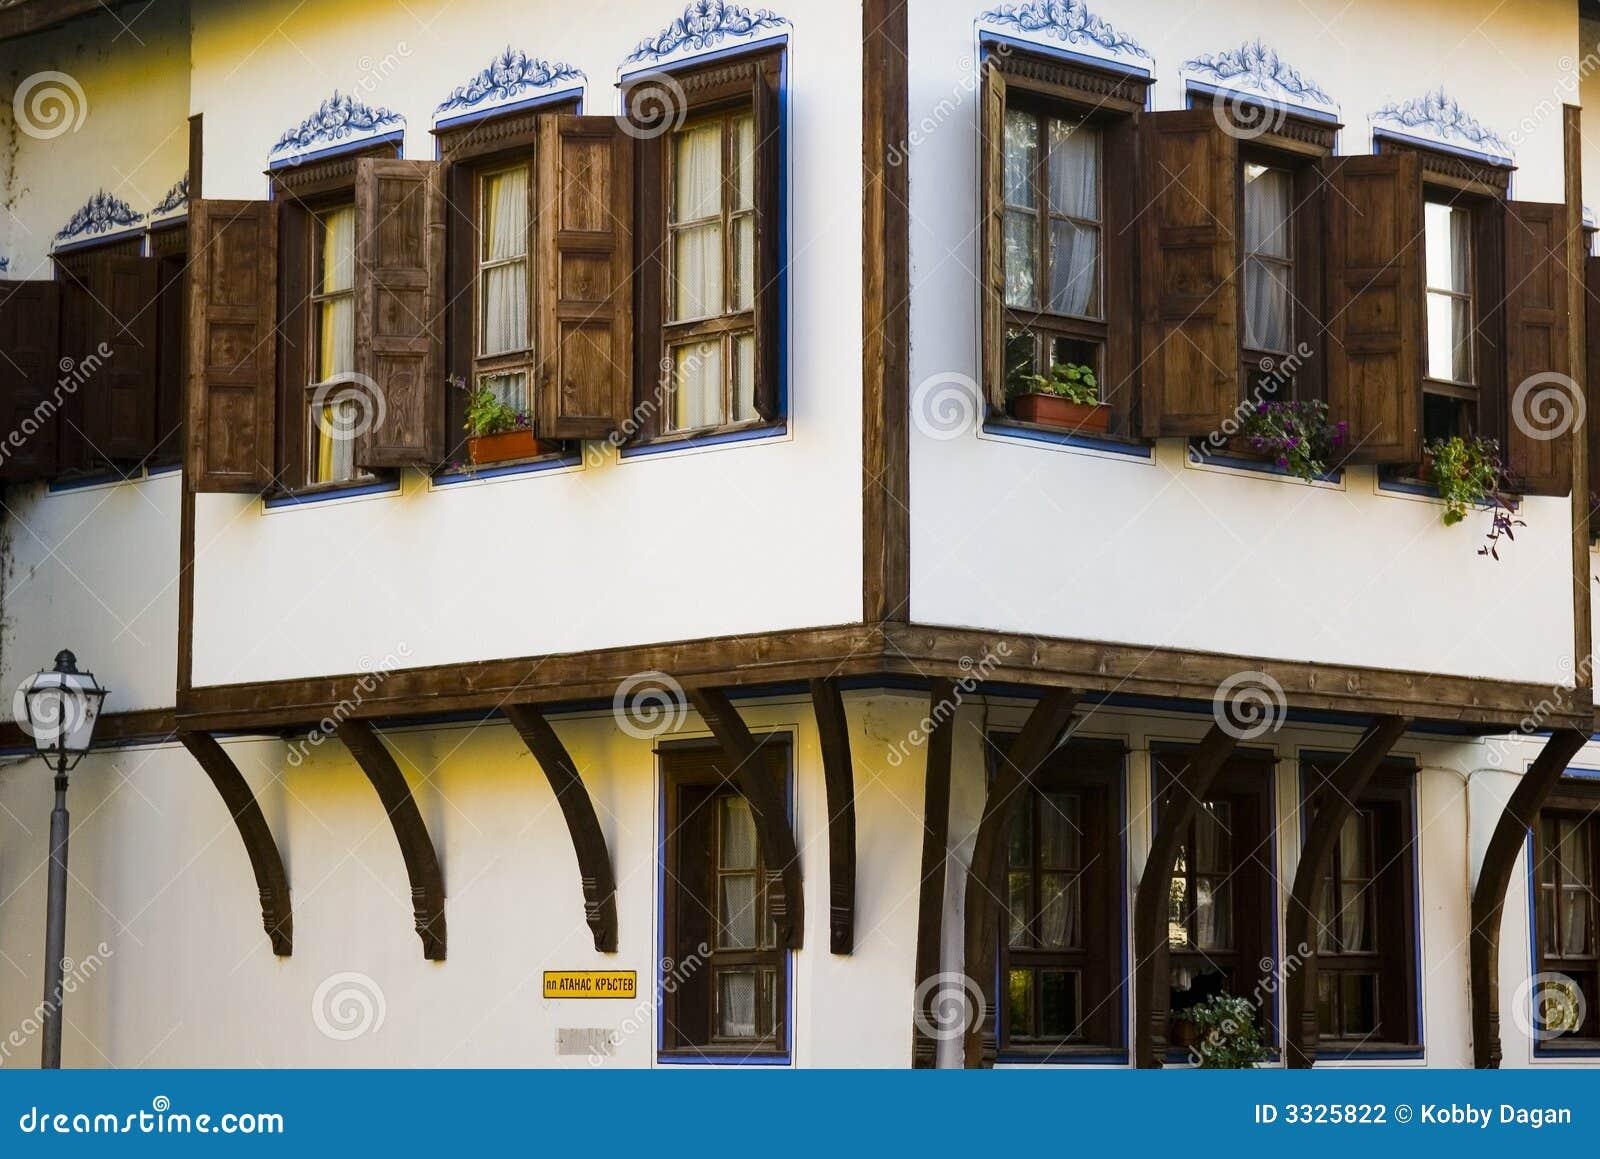 Casa búlgara